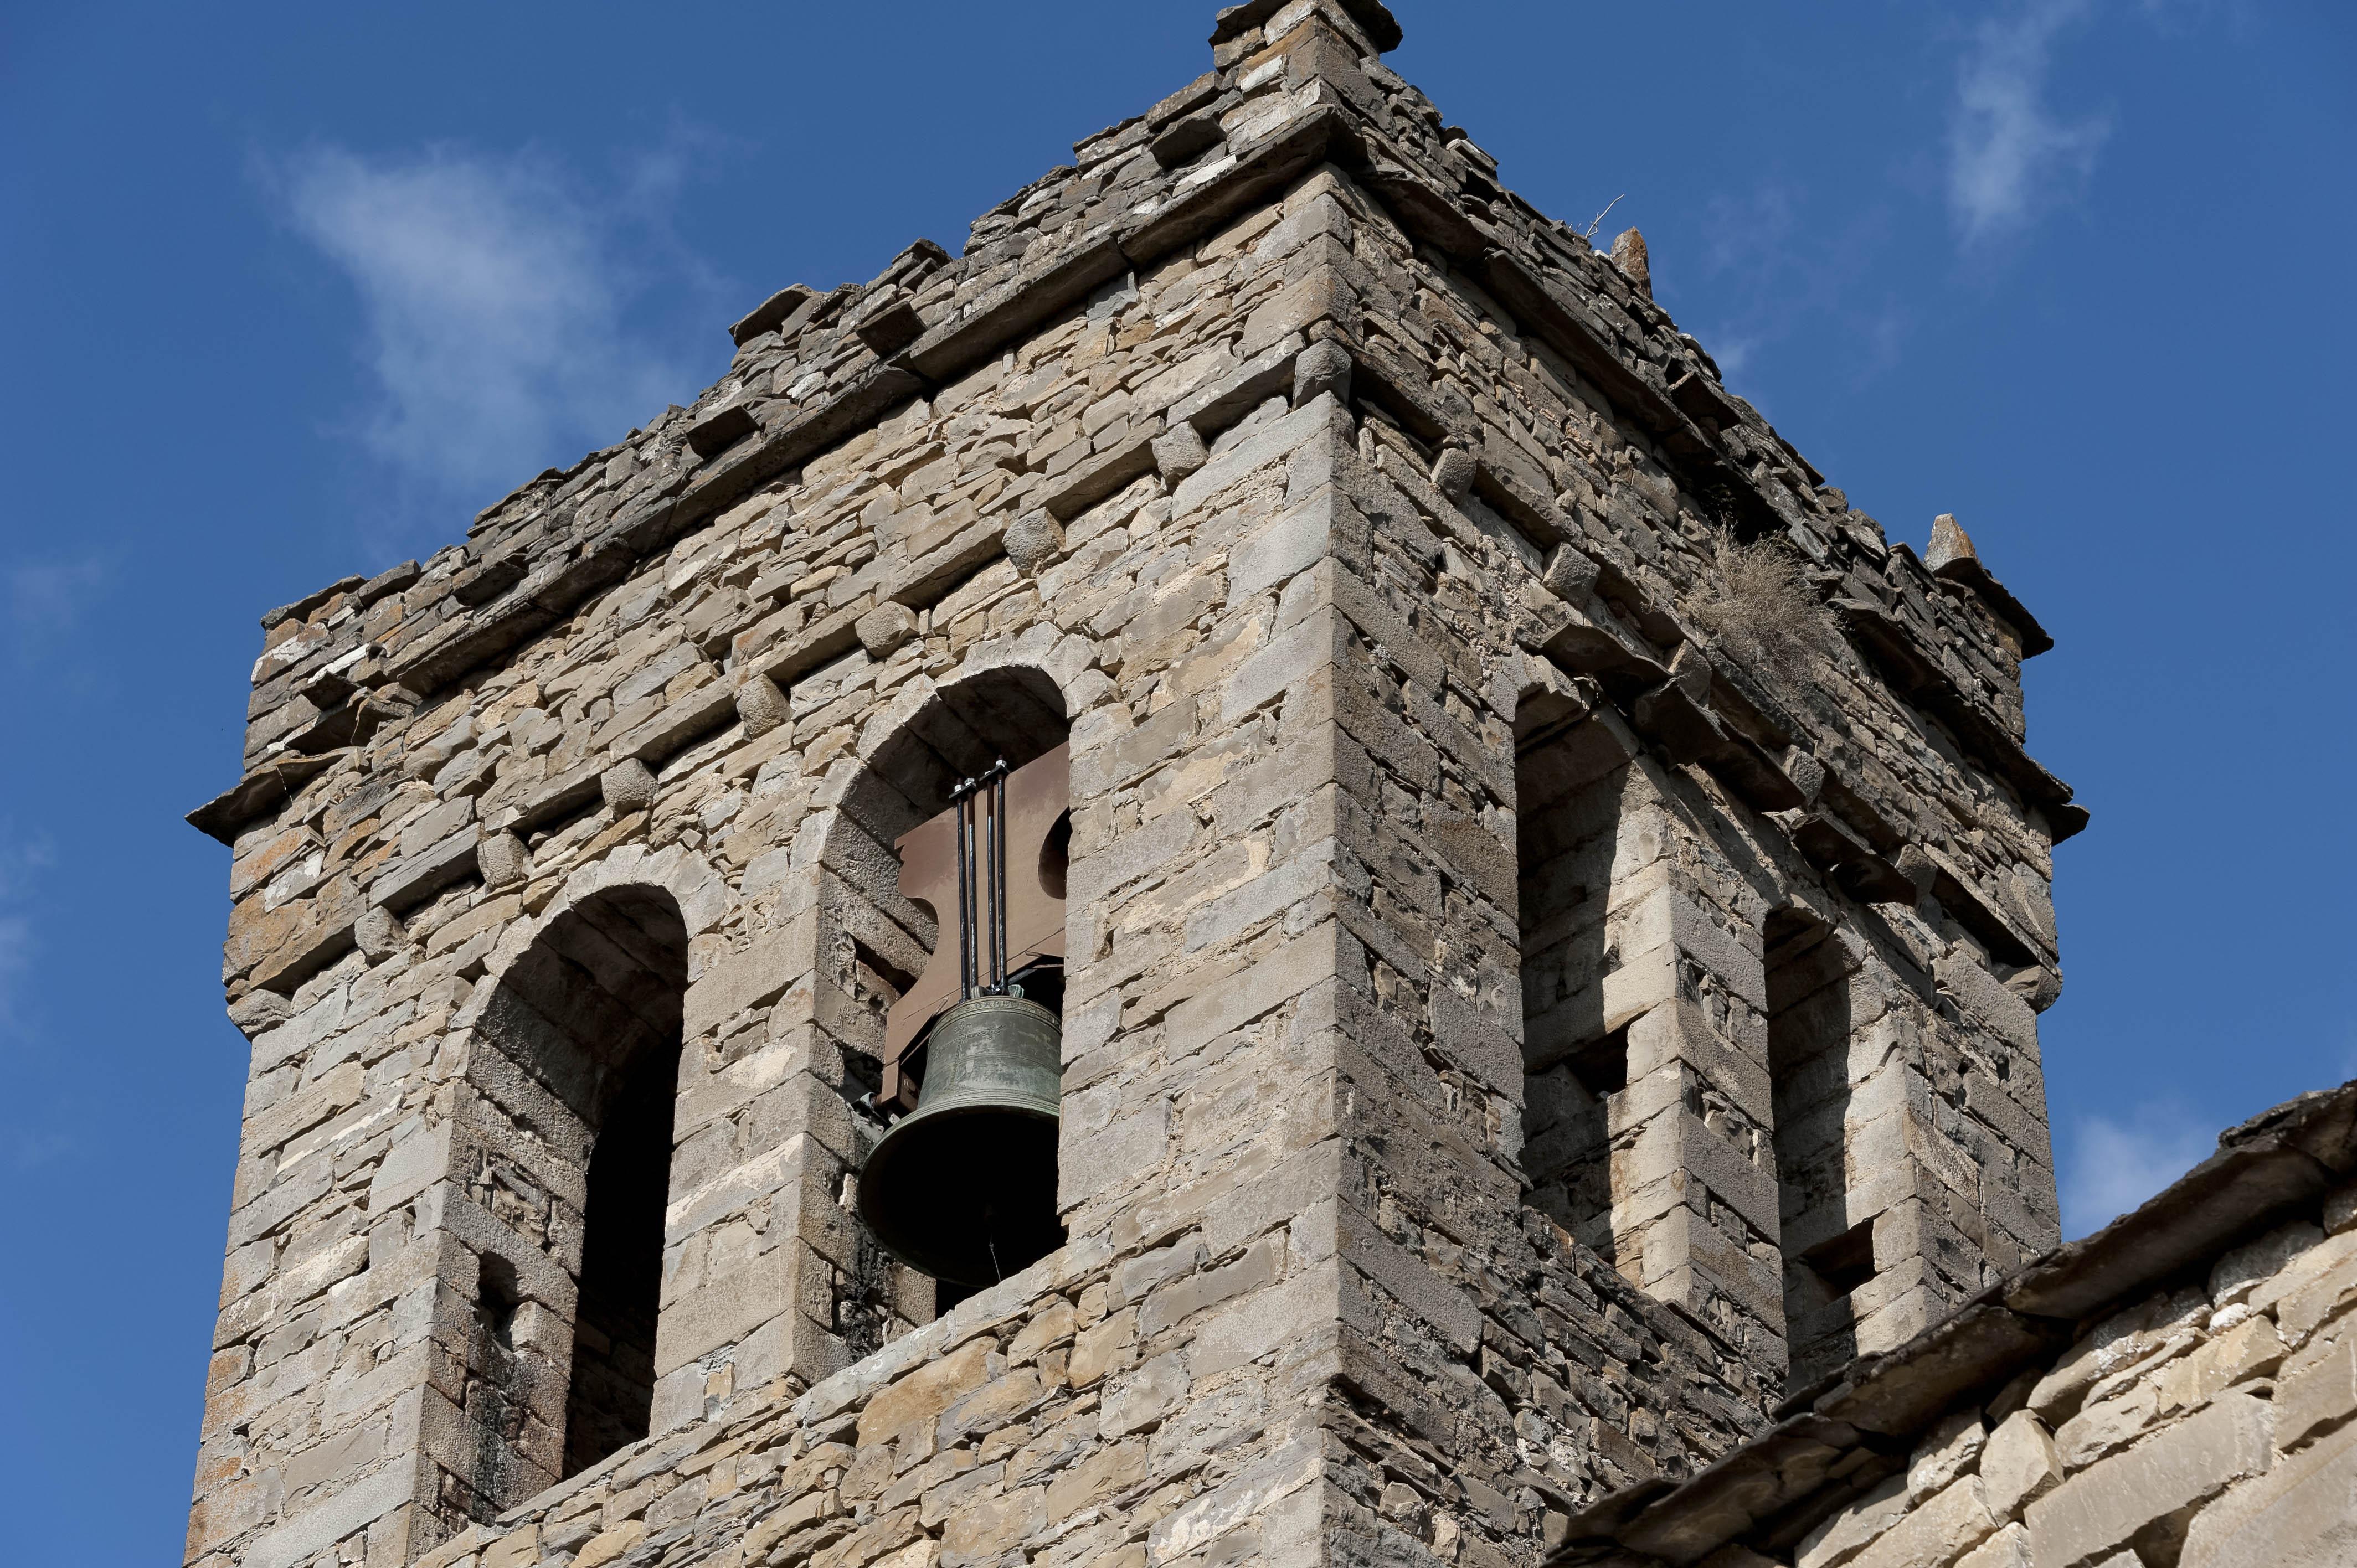 5611_Asin de Broto (Sobrarbe Aragon)